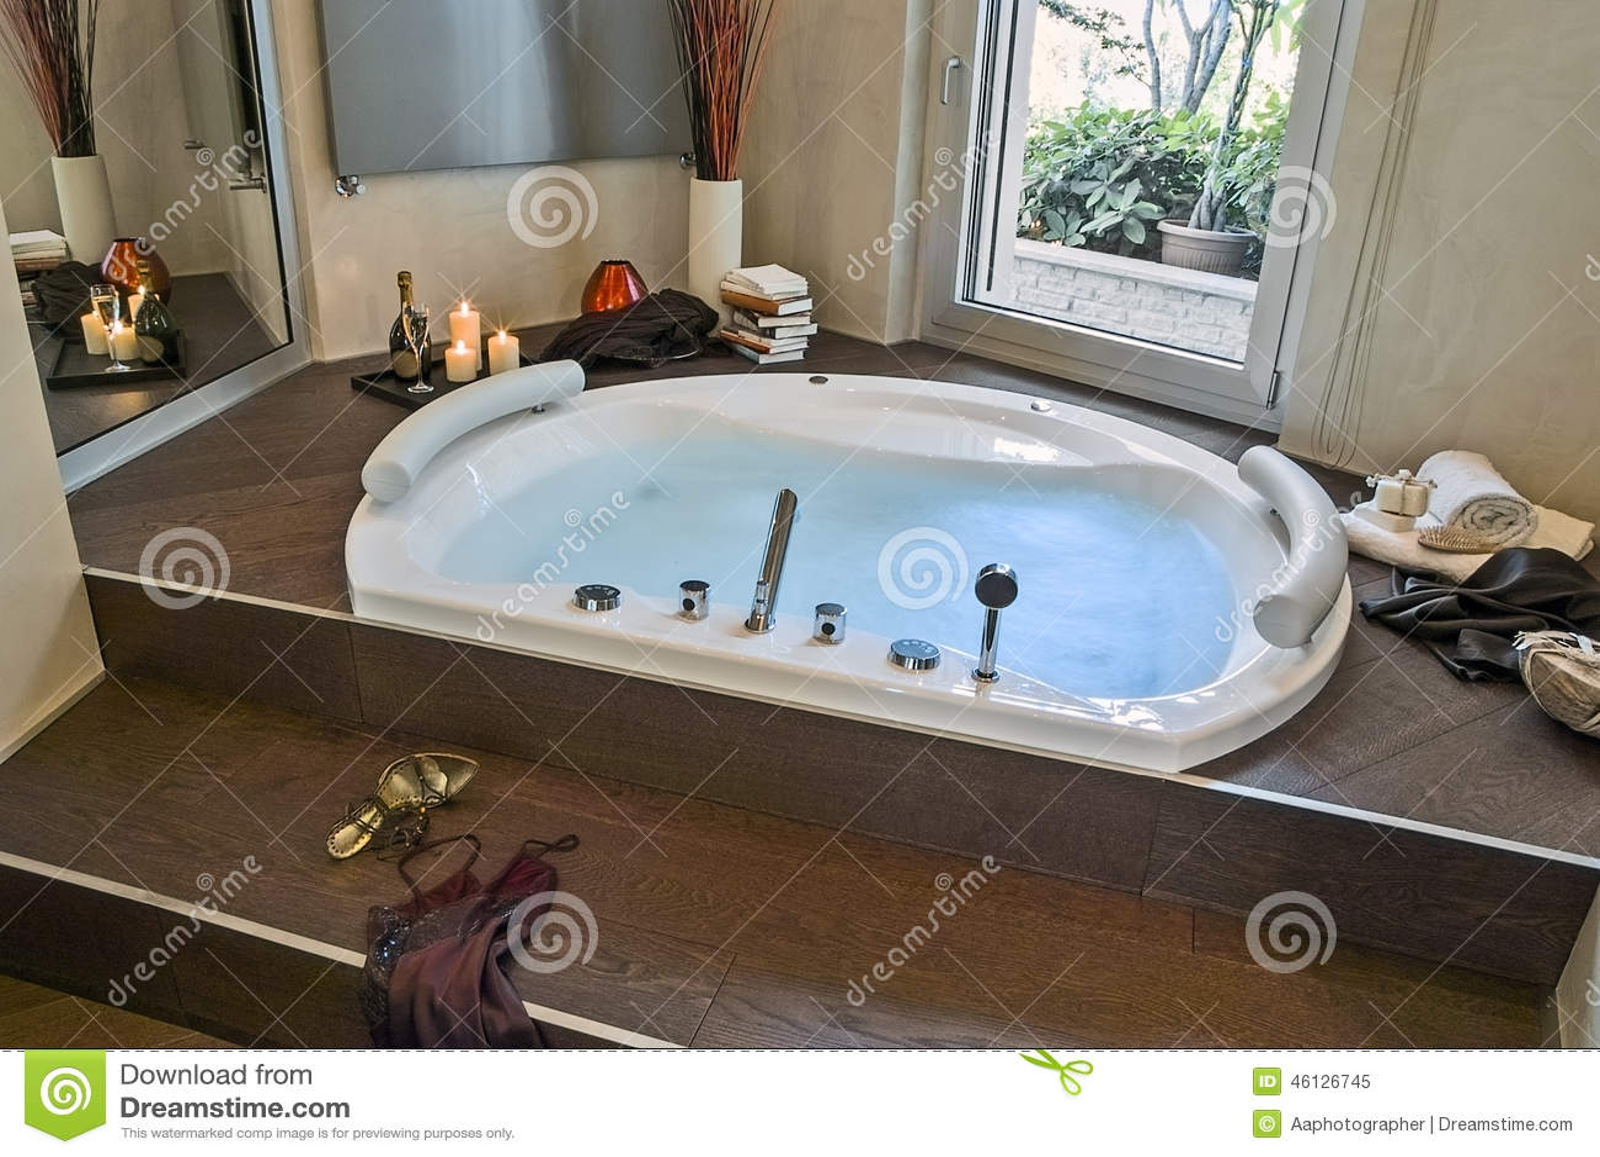 Bagno Moderno Con Un Pavimento Di Parquet Fotografia Stock - Immagine: 46126745